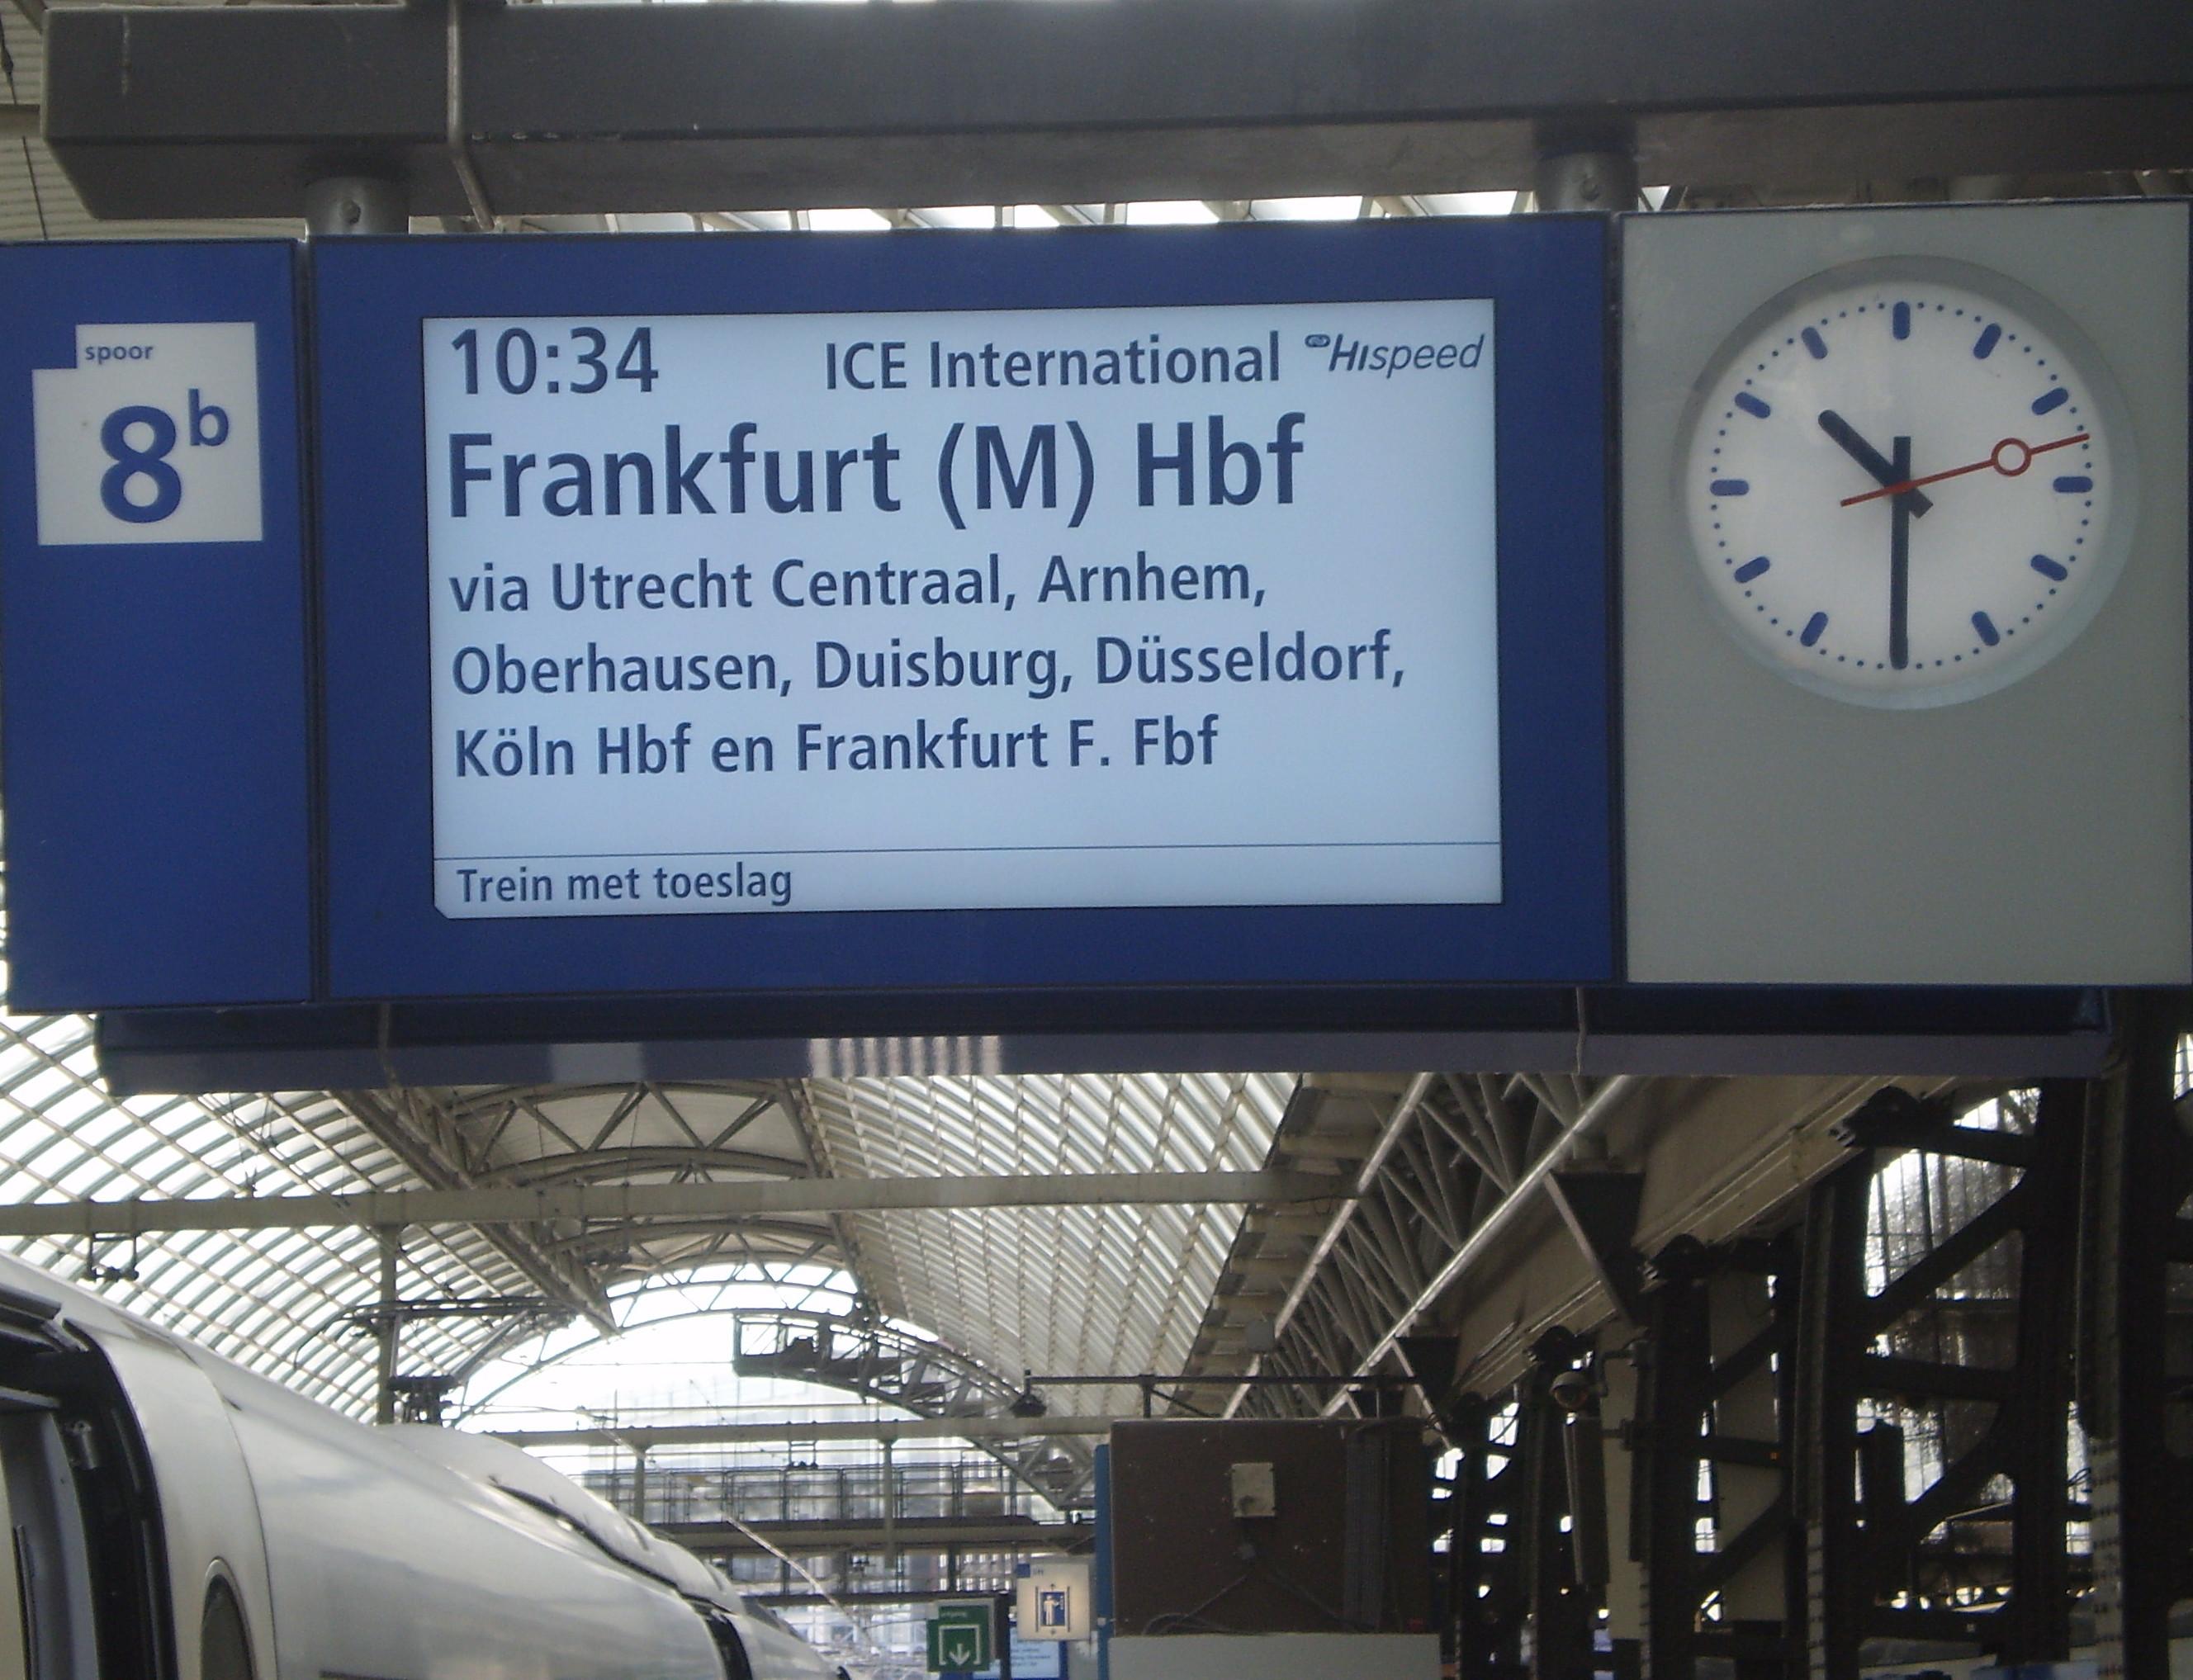 HSLOost_HarjinderSingh027-c-amsterdamcs-02072012